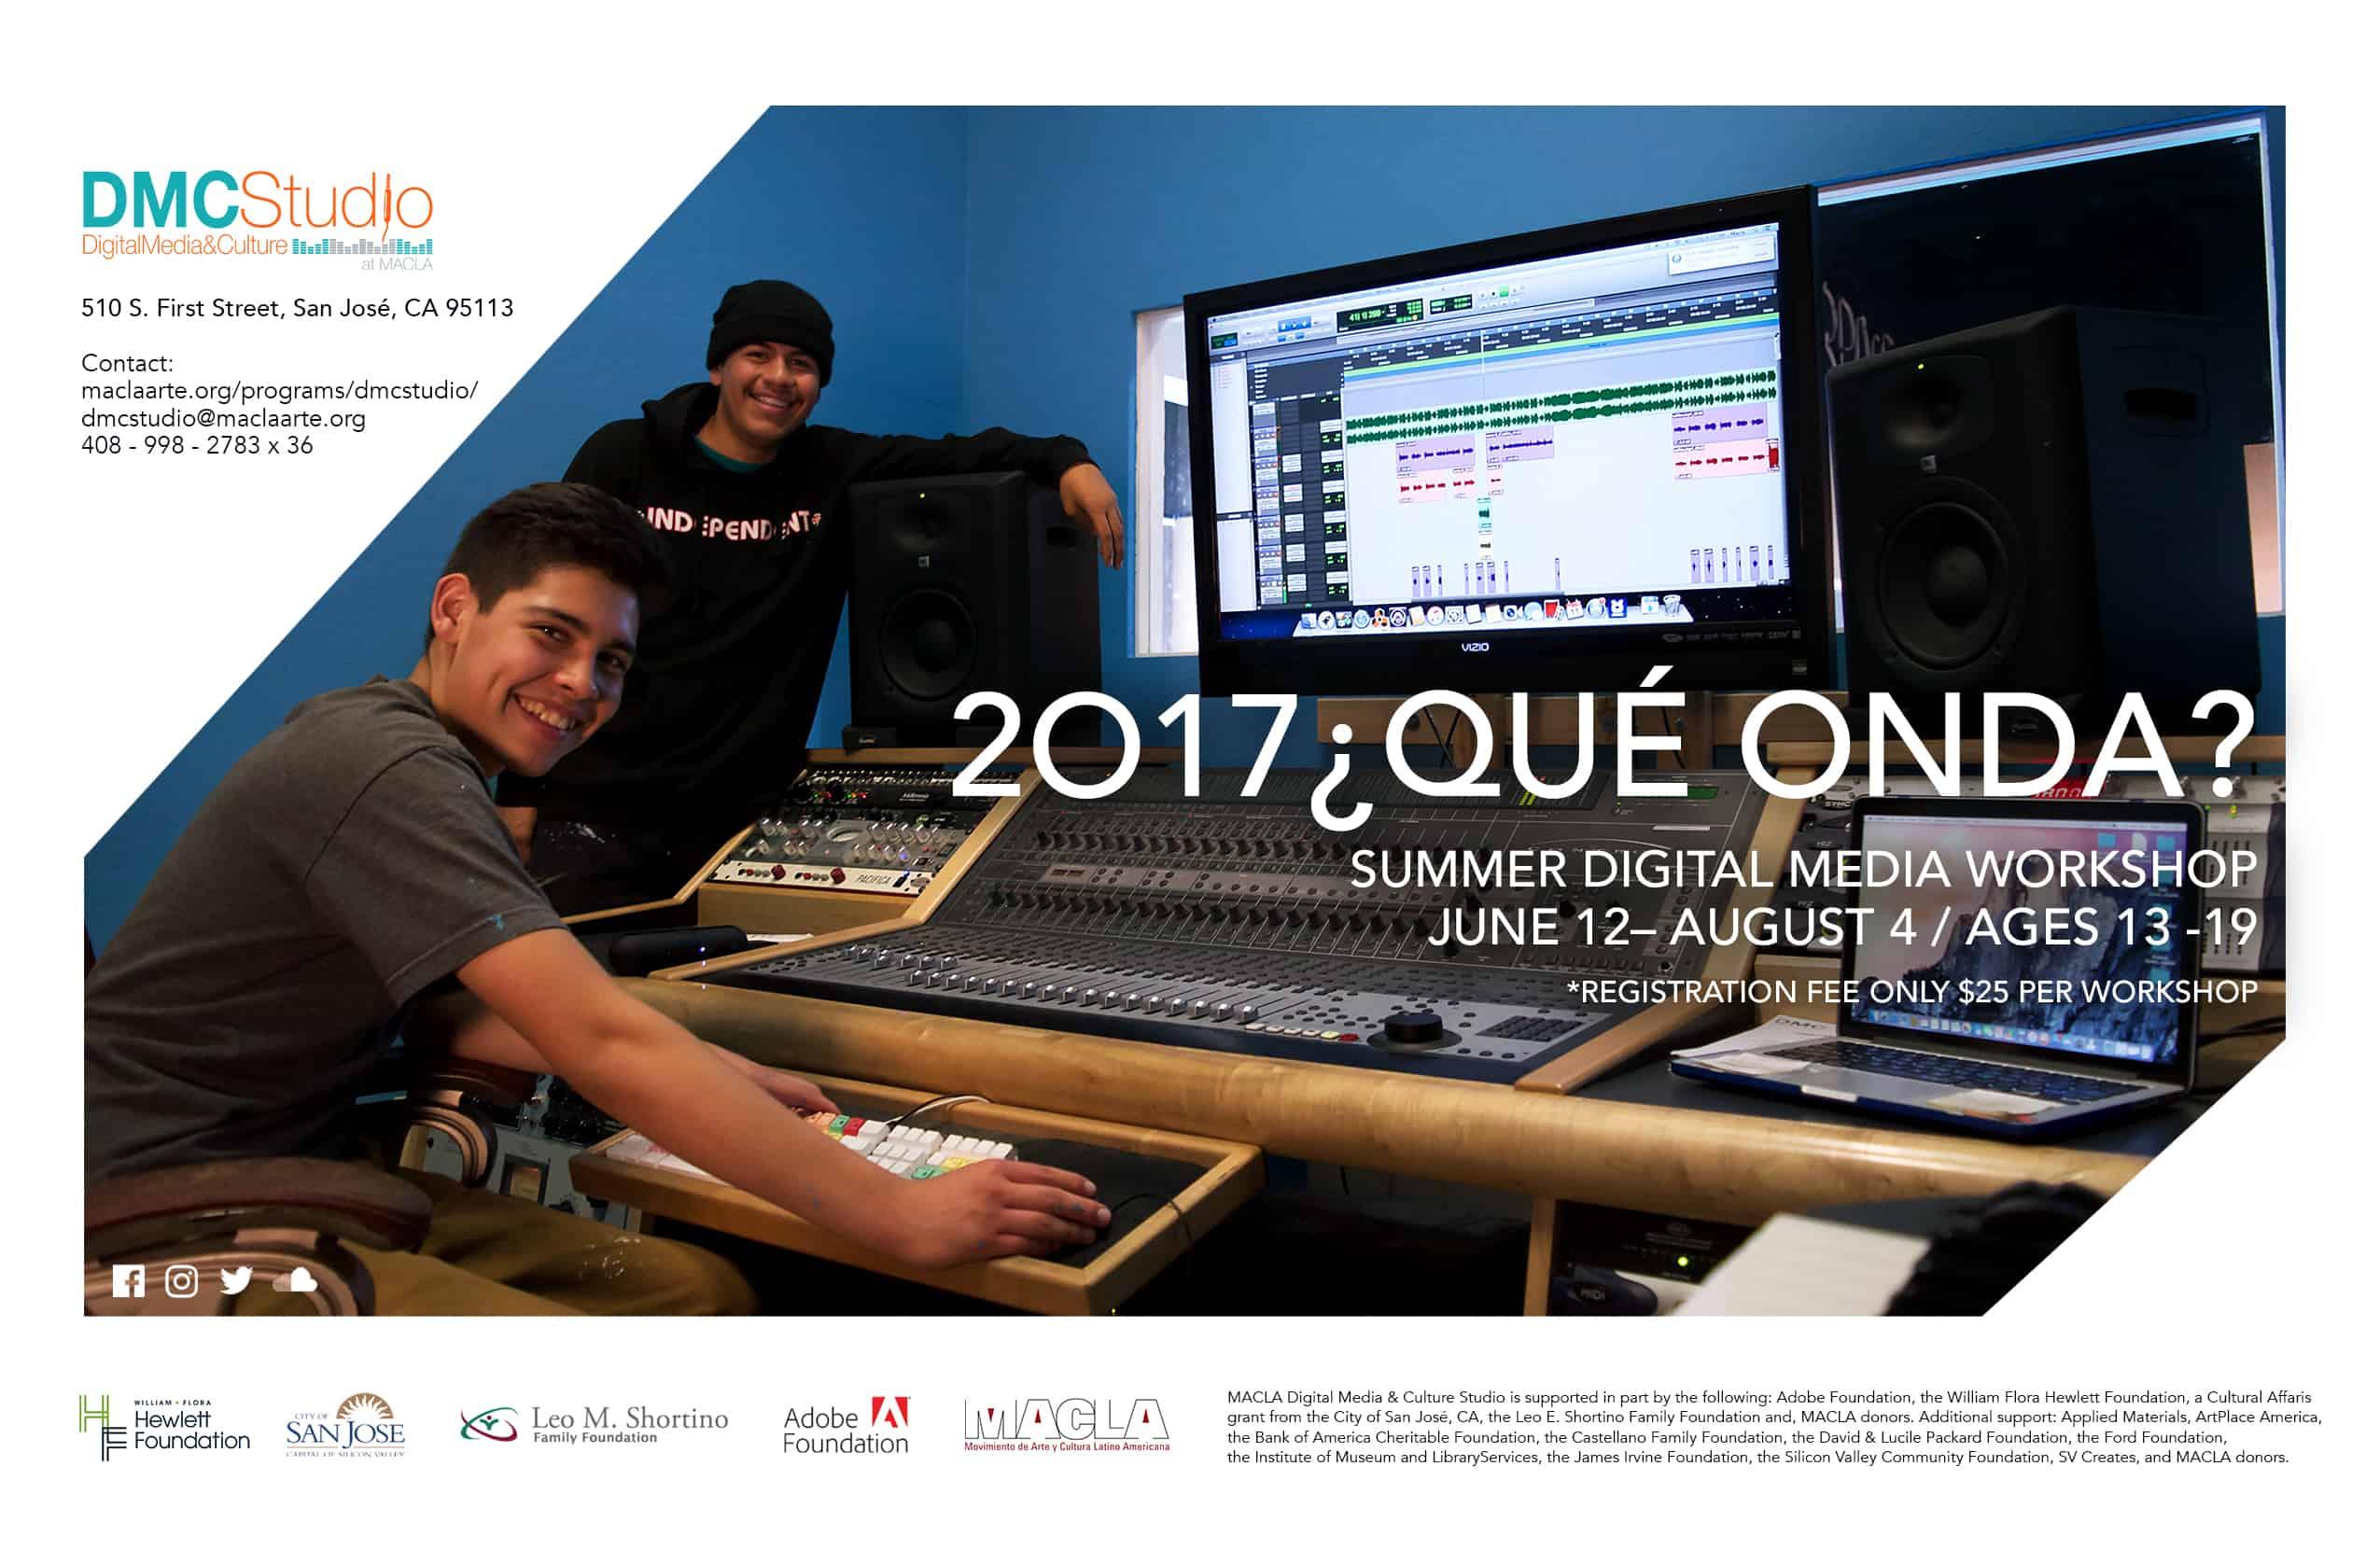 2017 ¿Que Onda? Summer Digital Media Workshops